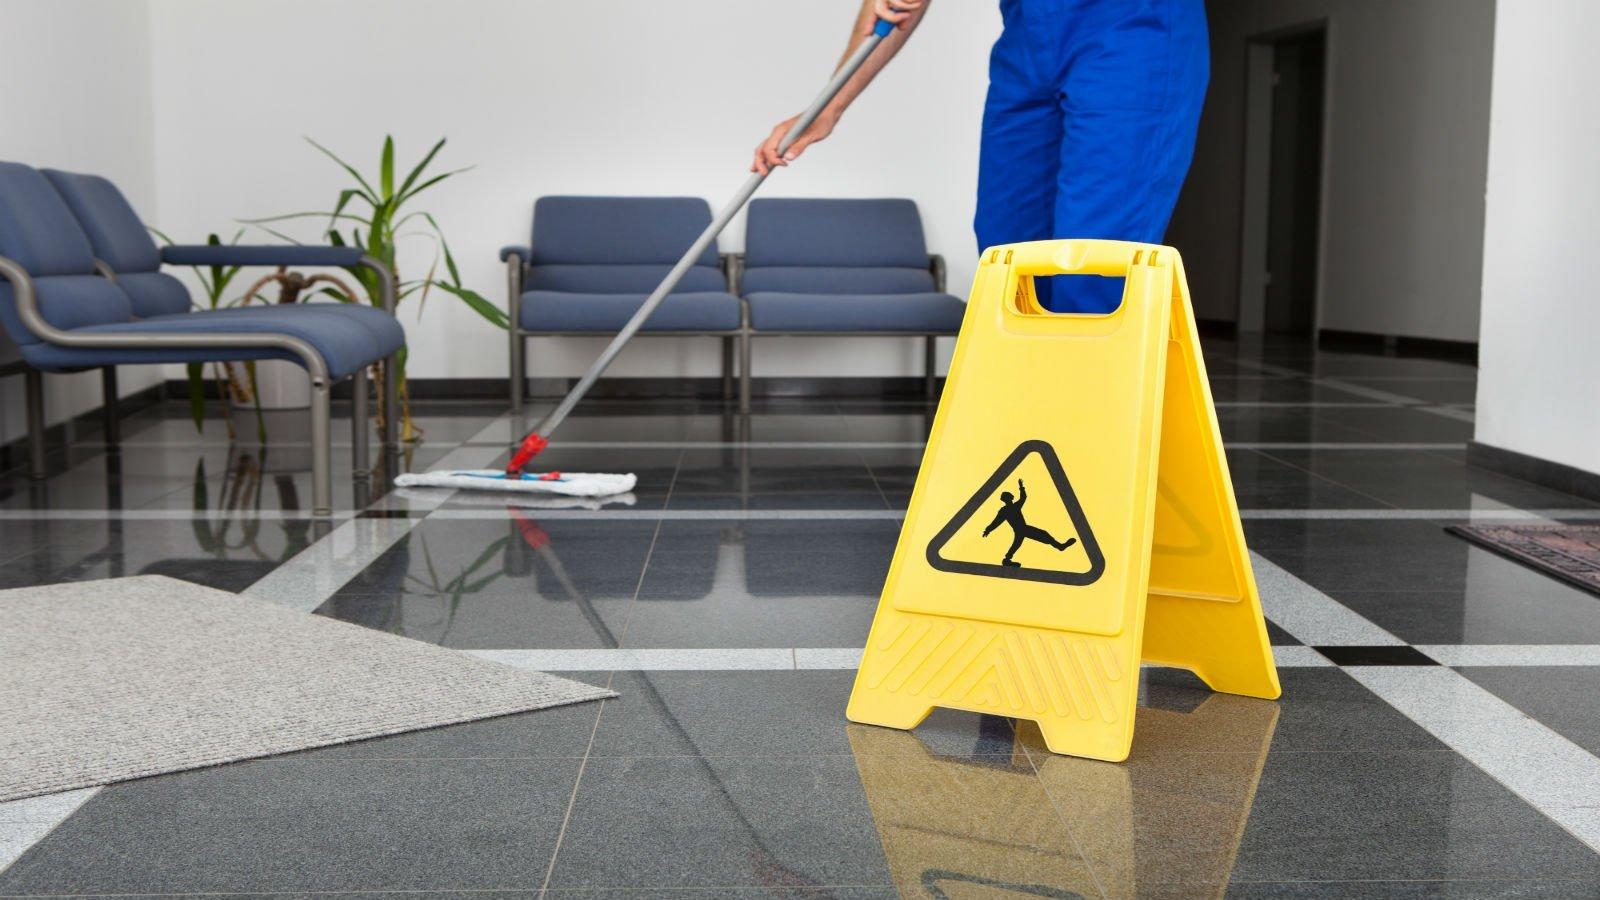 inserviente che pulisce il pavimento